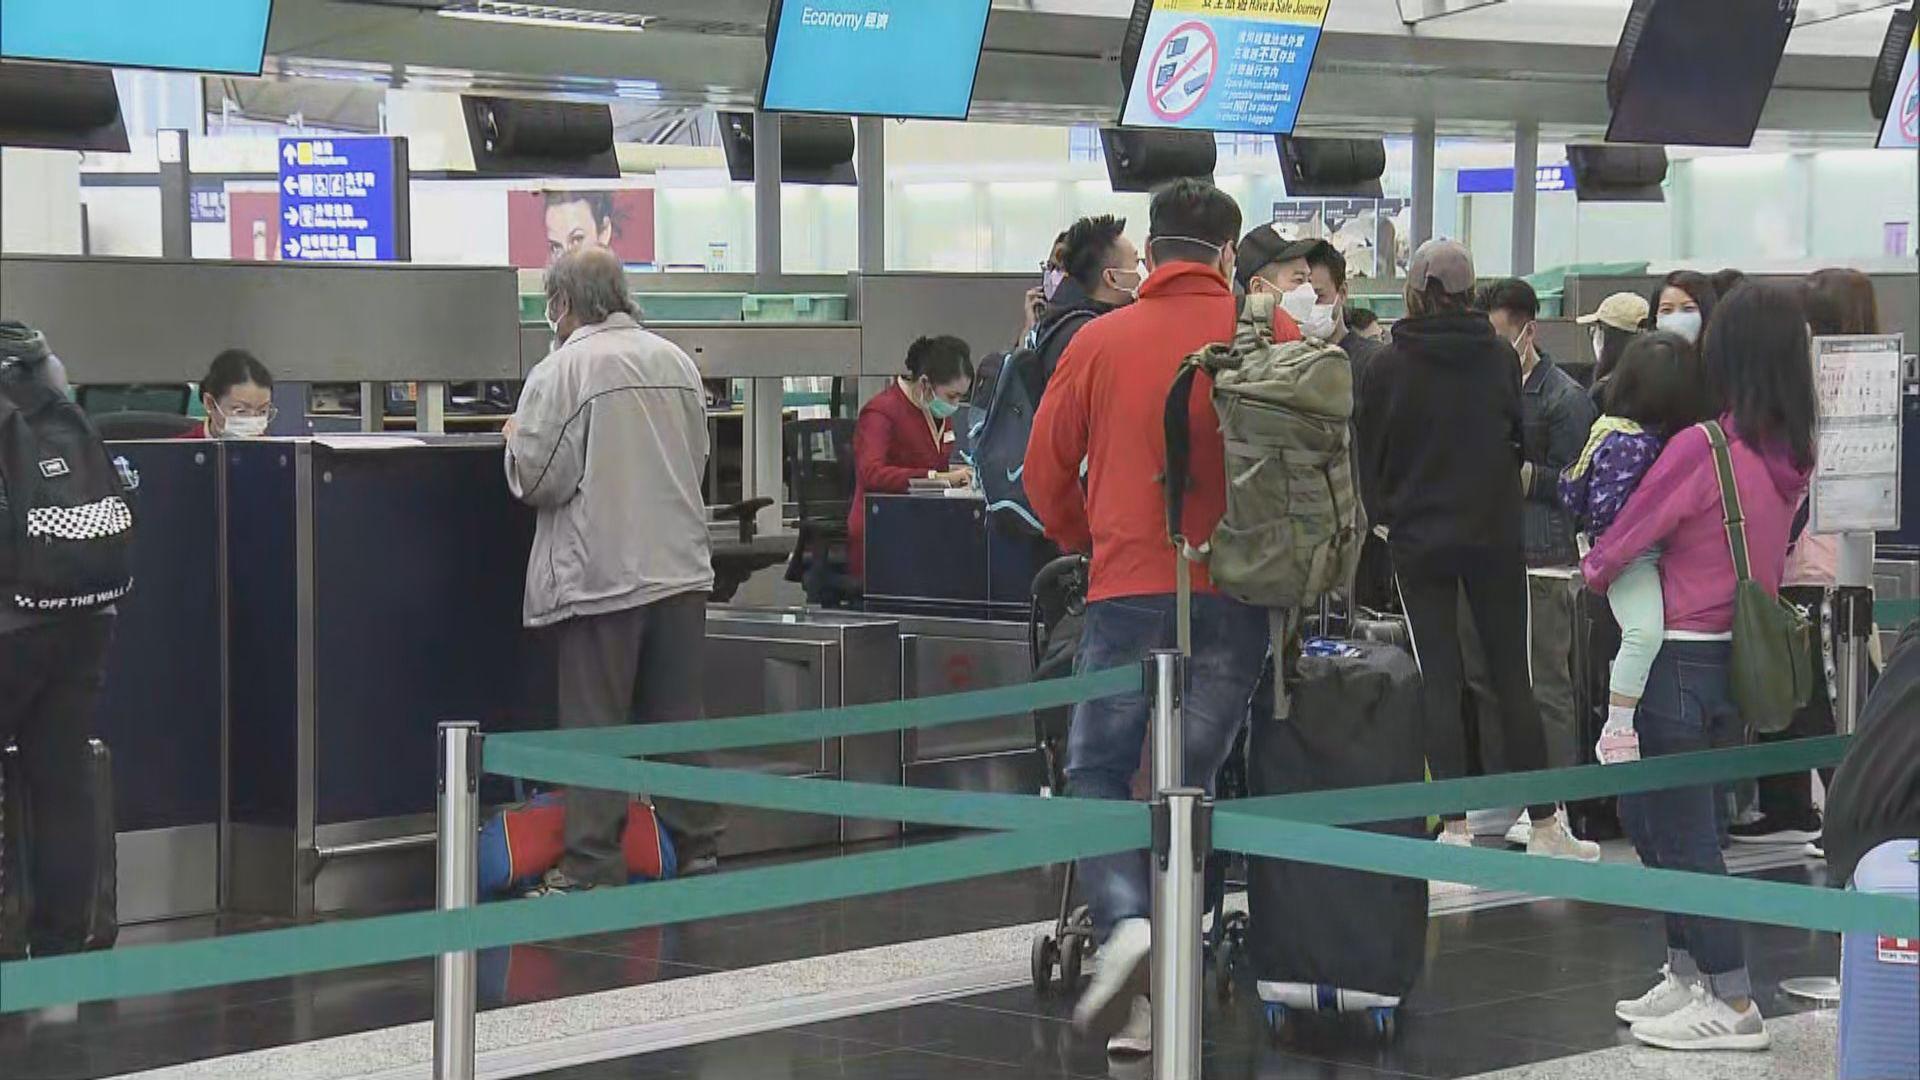 多間航空公司未有往返泰國退票安排